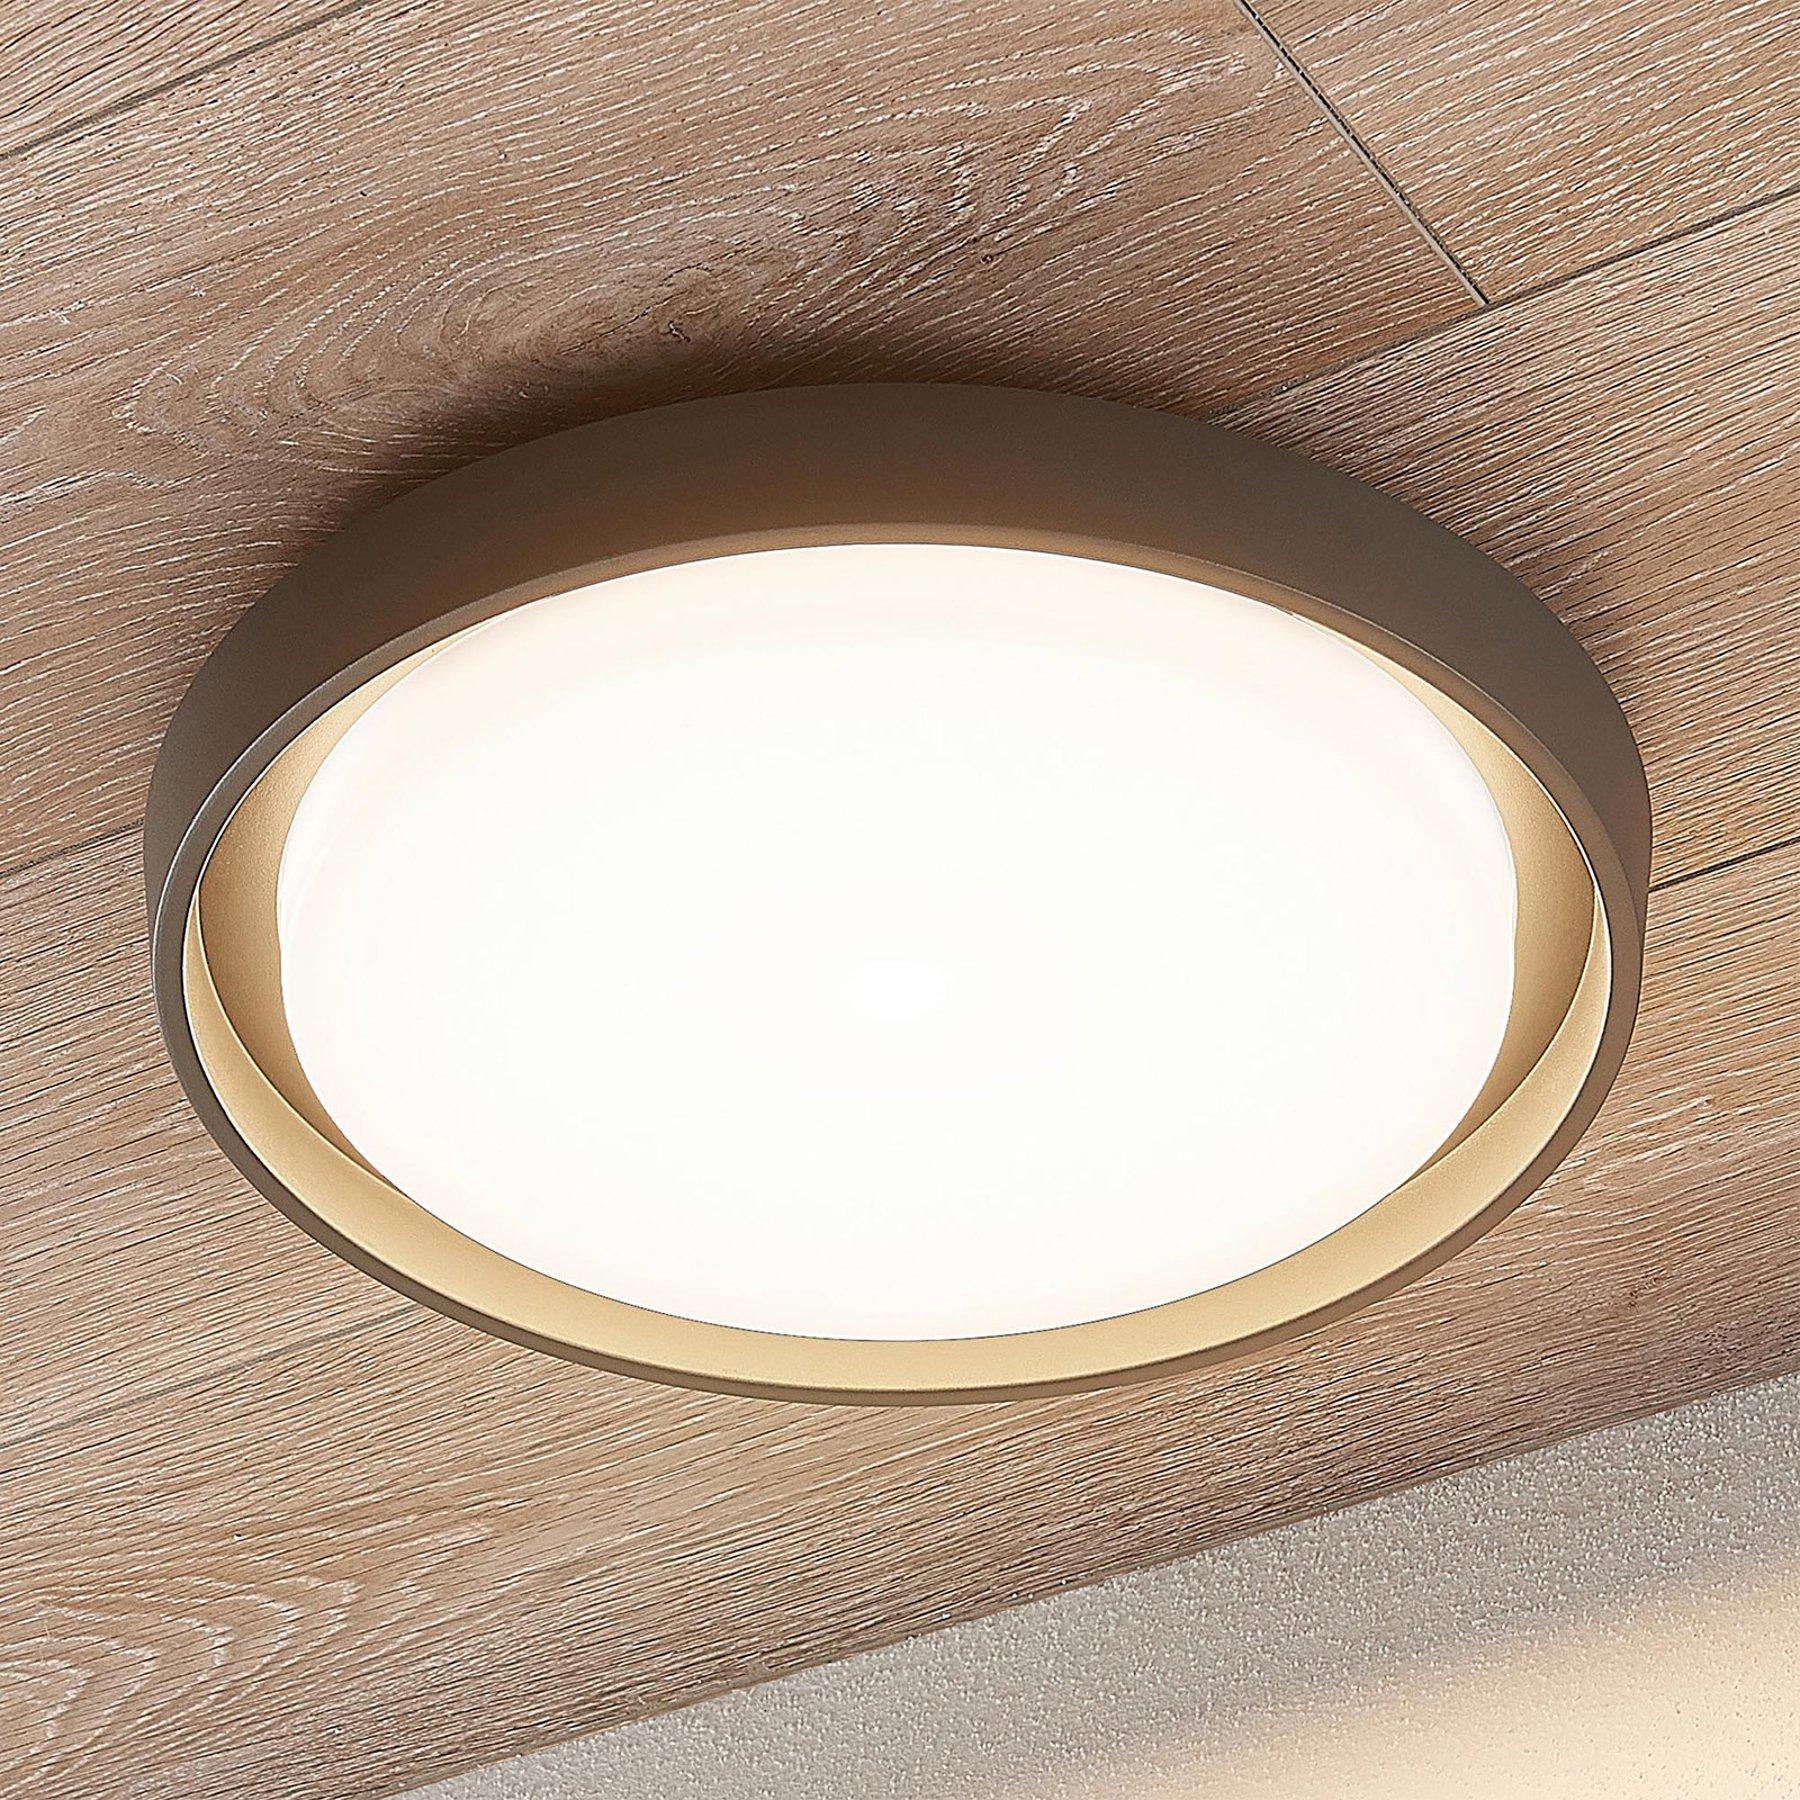 LED-utetaklampe Birta, rund, 34 cm